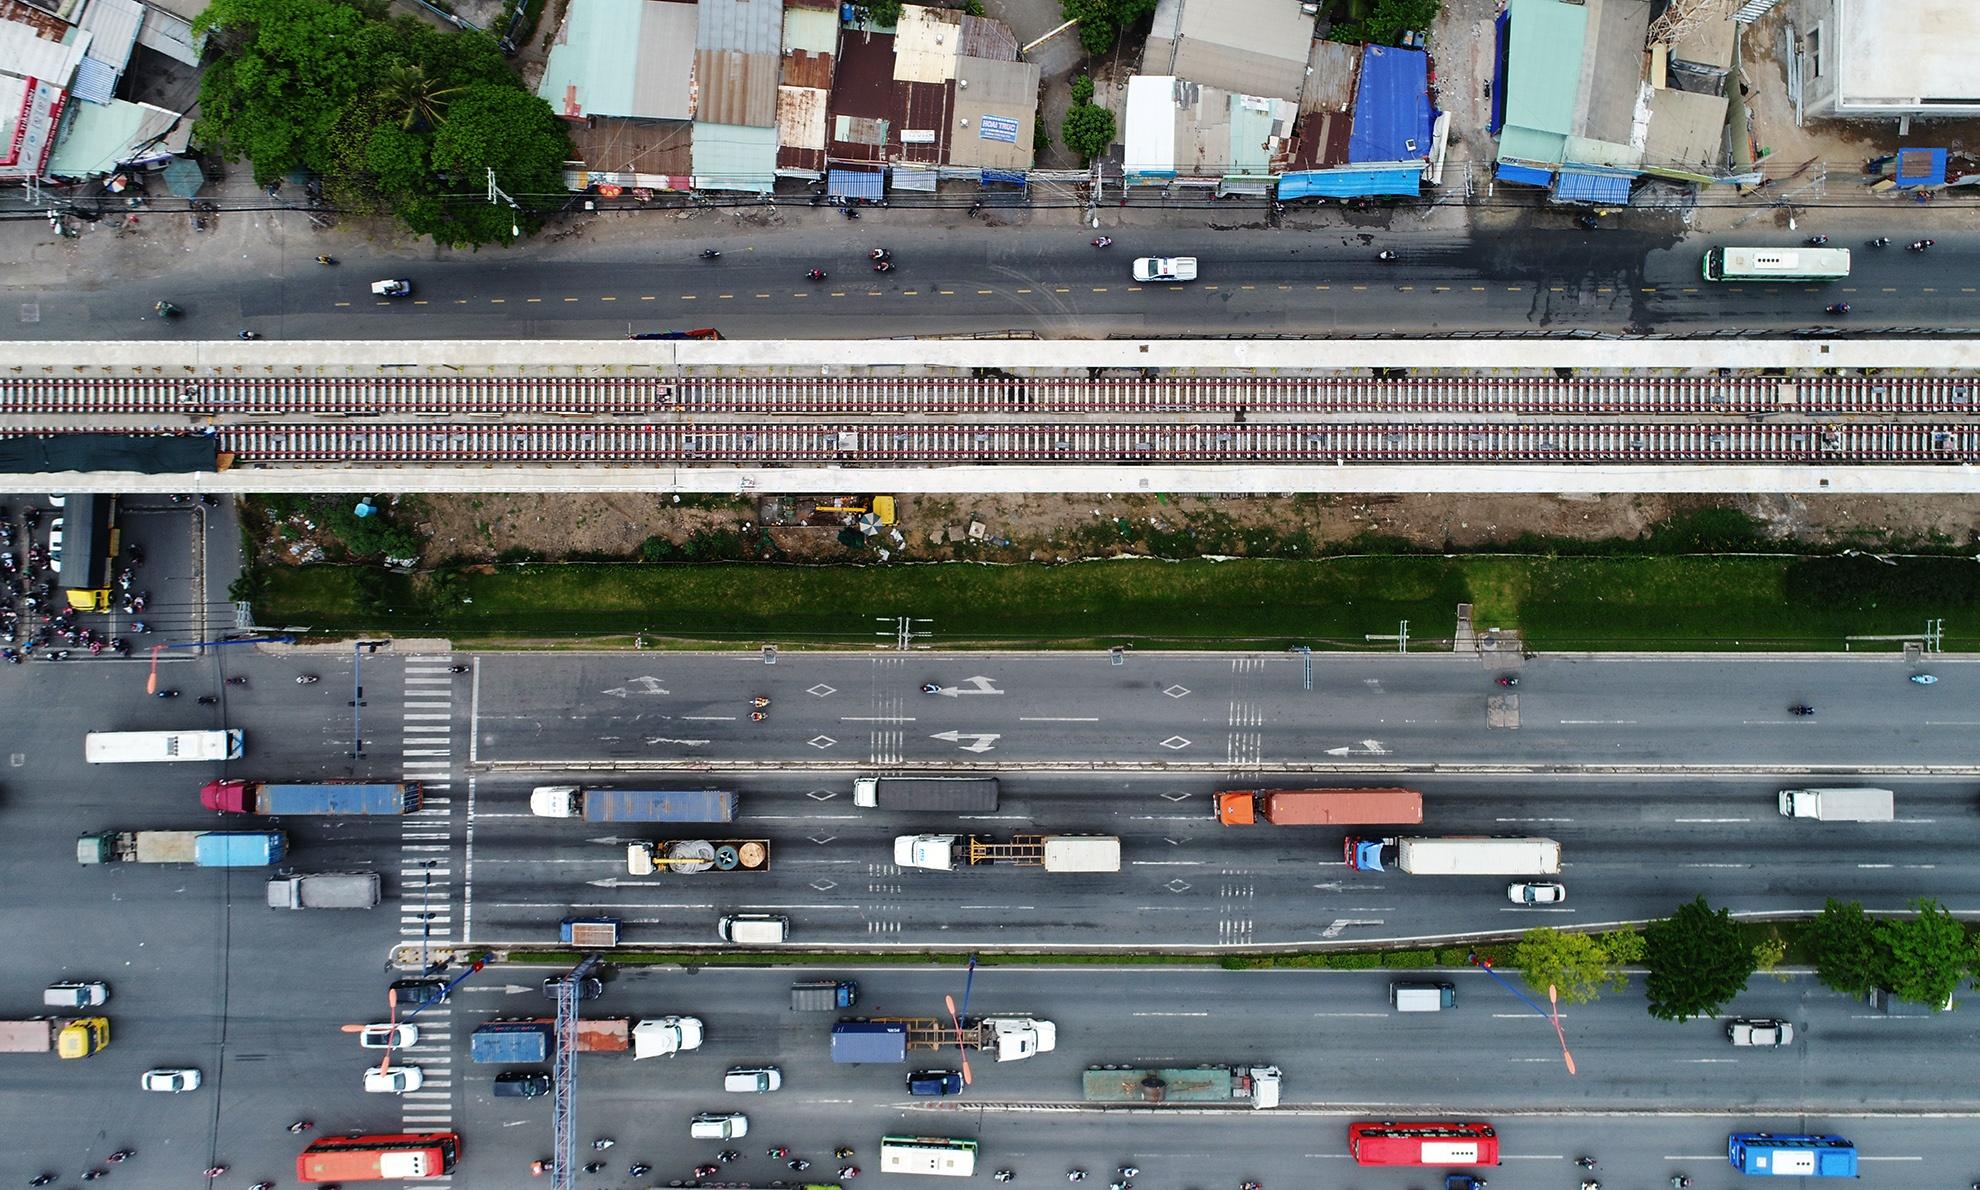 Hien trang tuyen metro dau tien bi no tien cua TP.HCM hinh anh 7